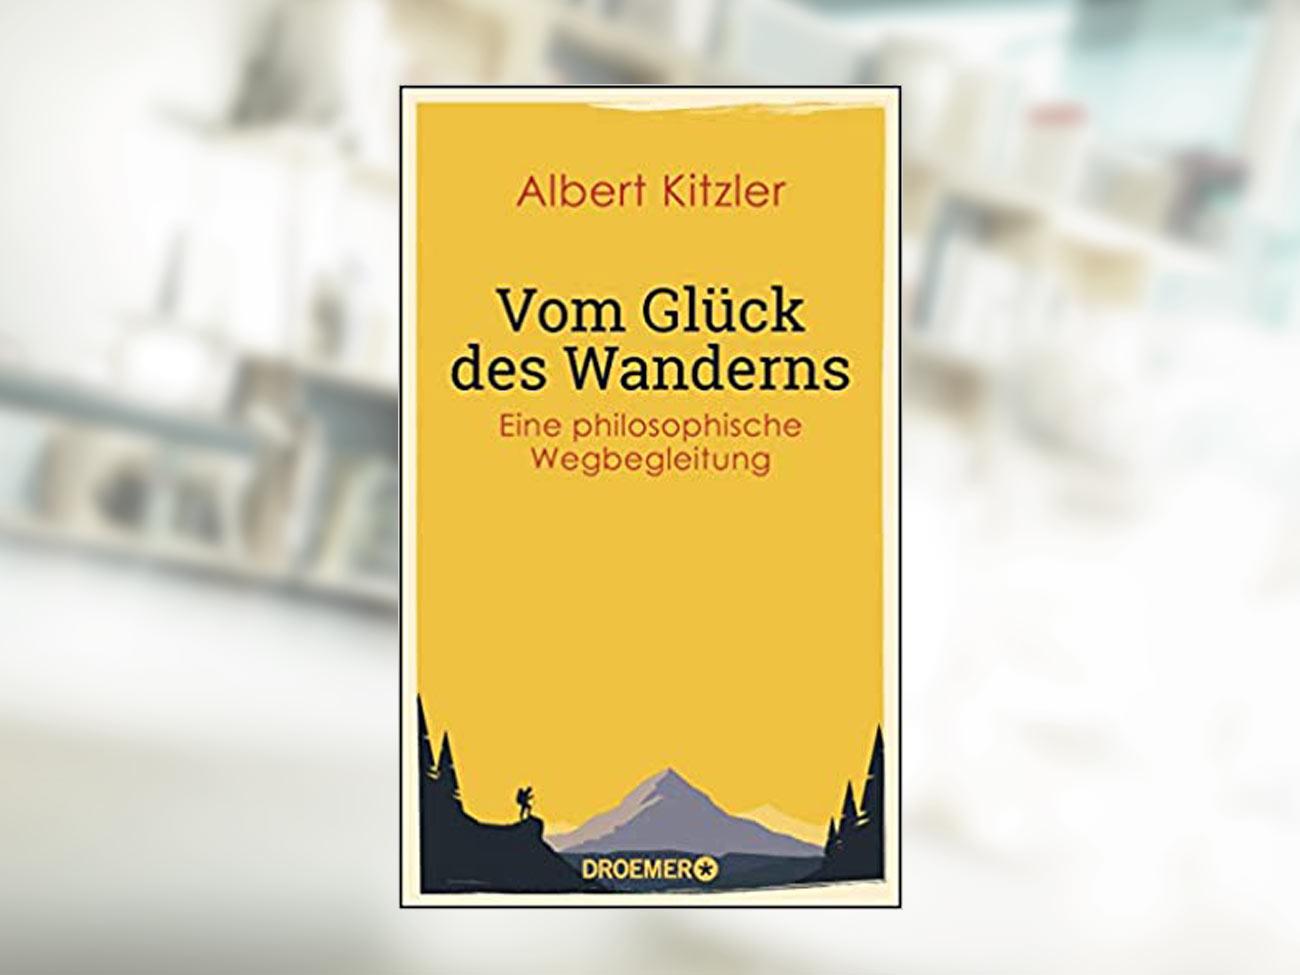 Albert Kitzler, Vom Glück des Wanderns